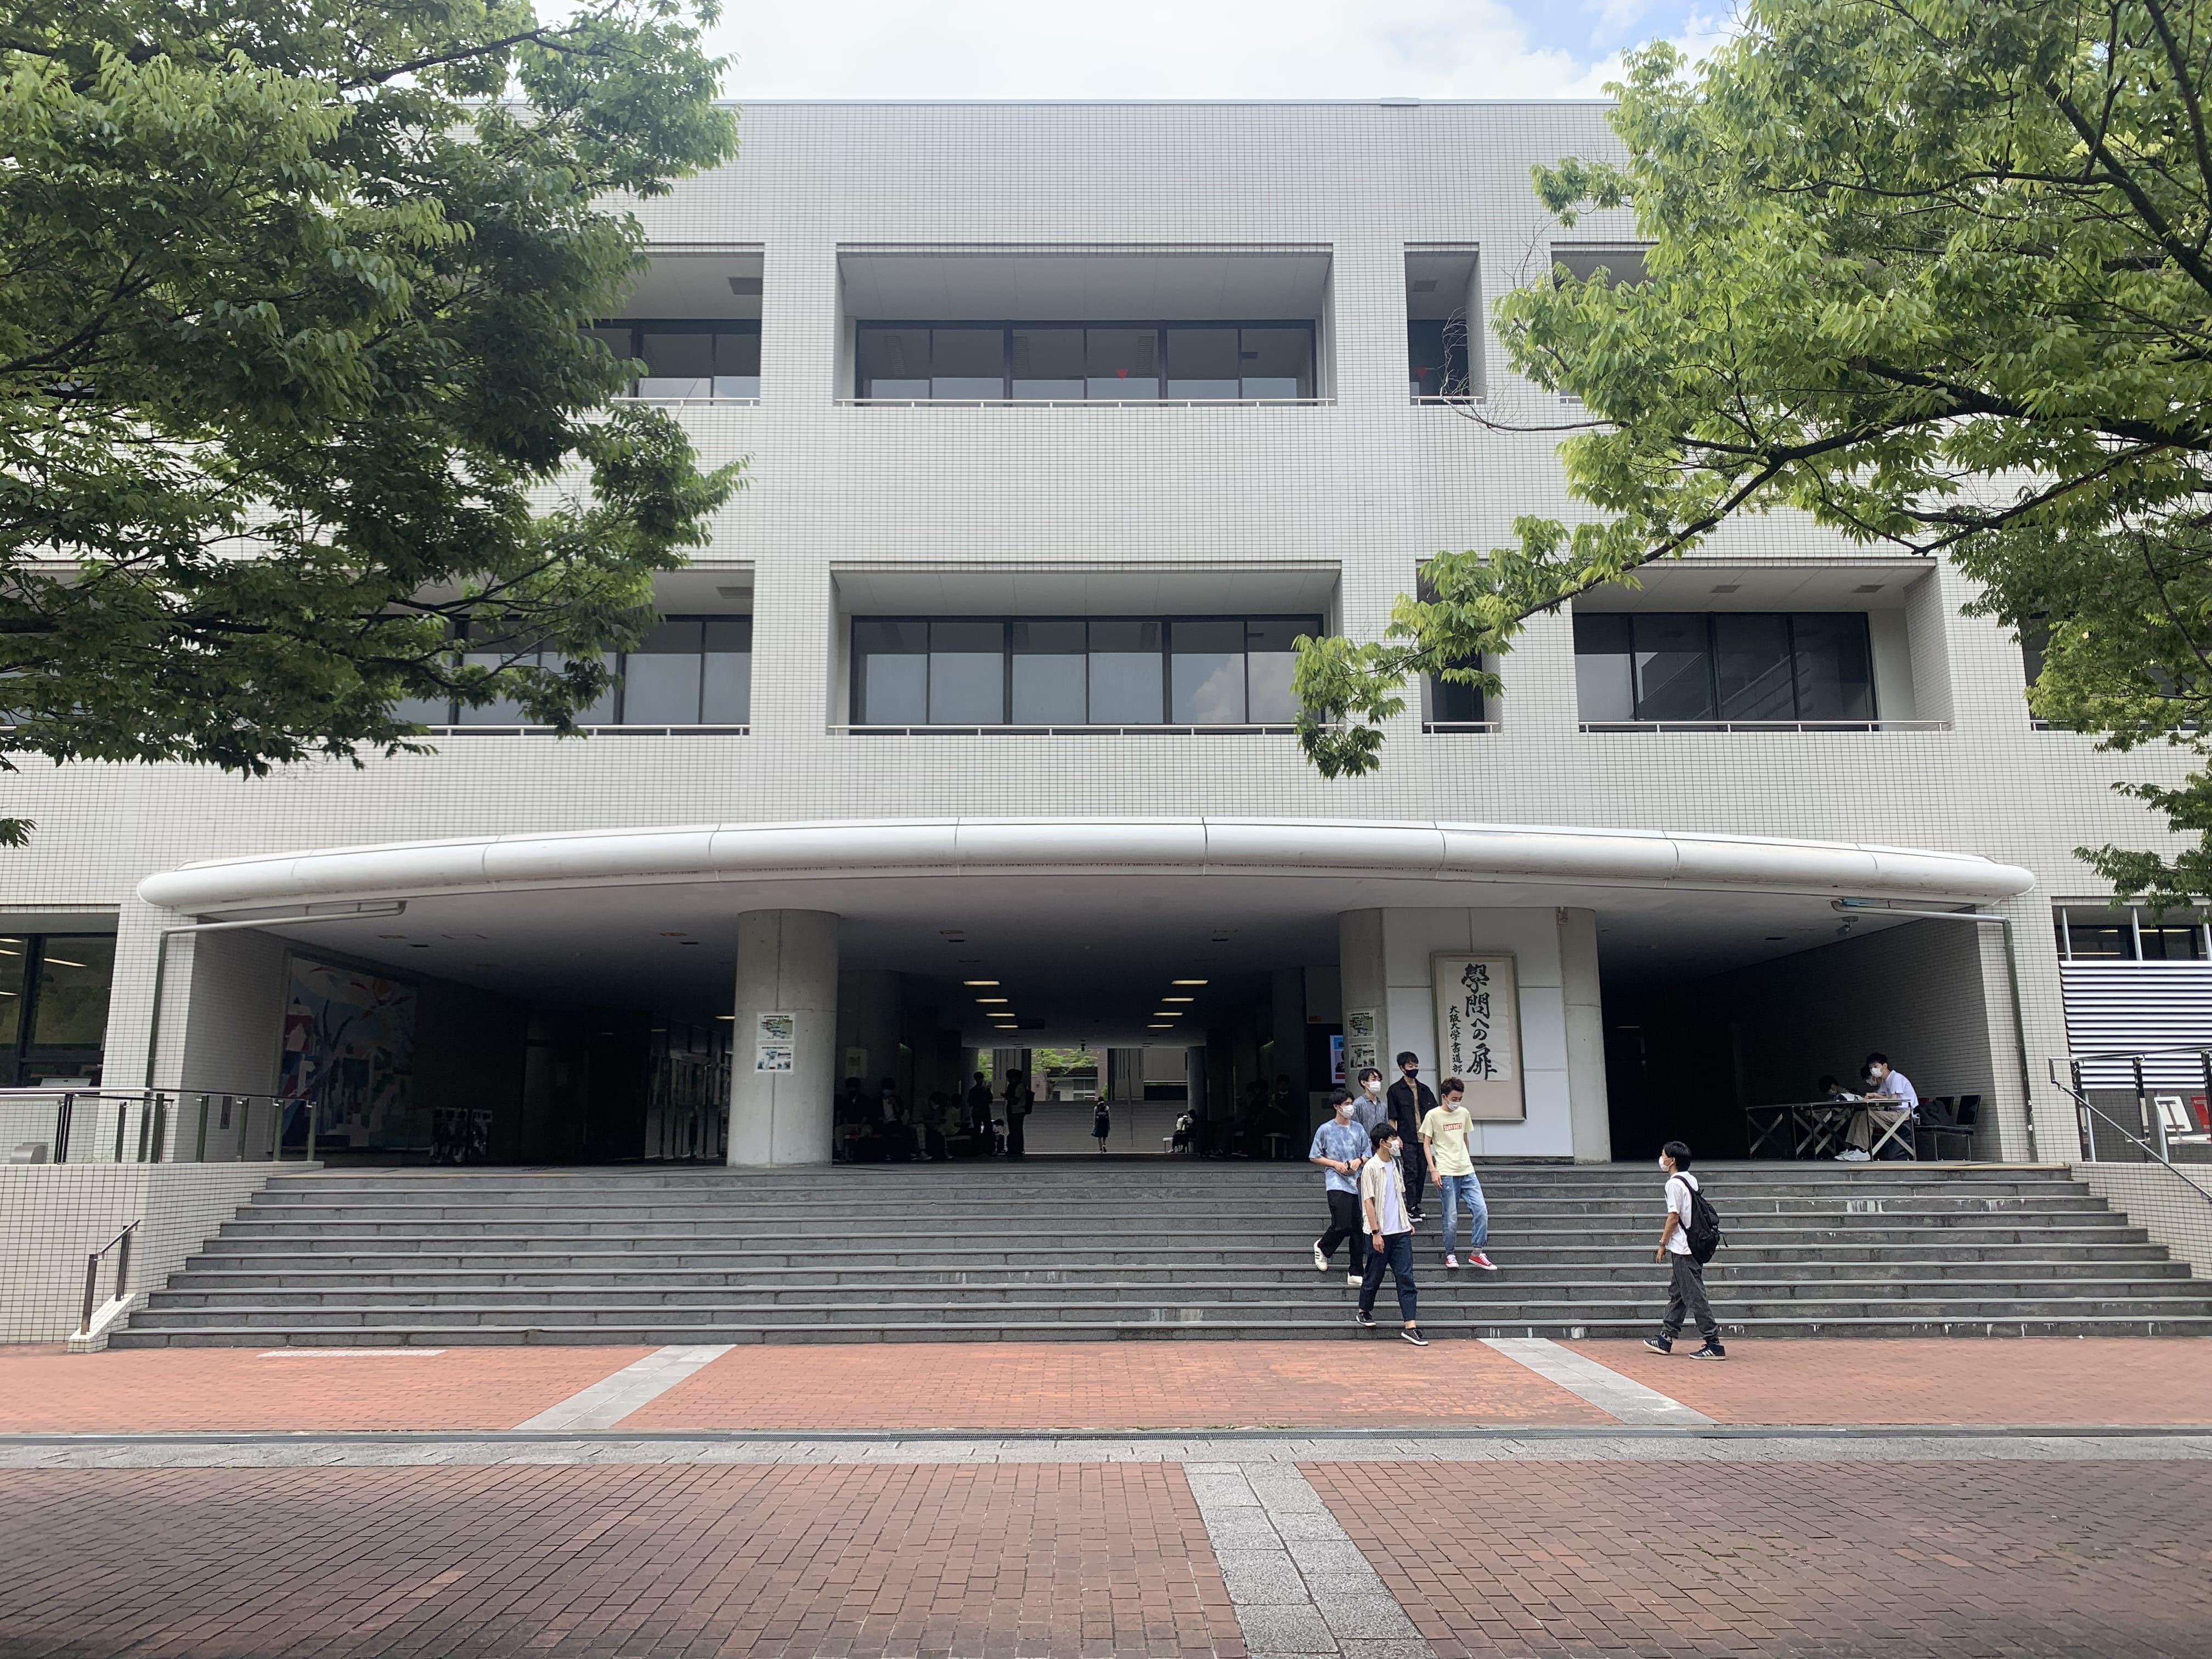 大阪大学 全学教育講義棟(A棟)に学部新入生は全員通学します(豊中キャンパス)